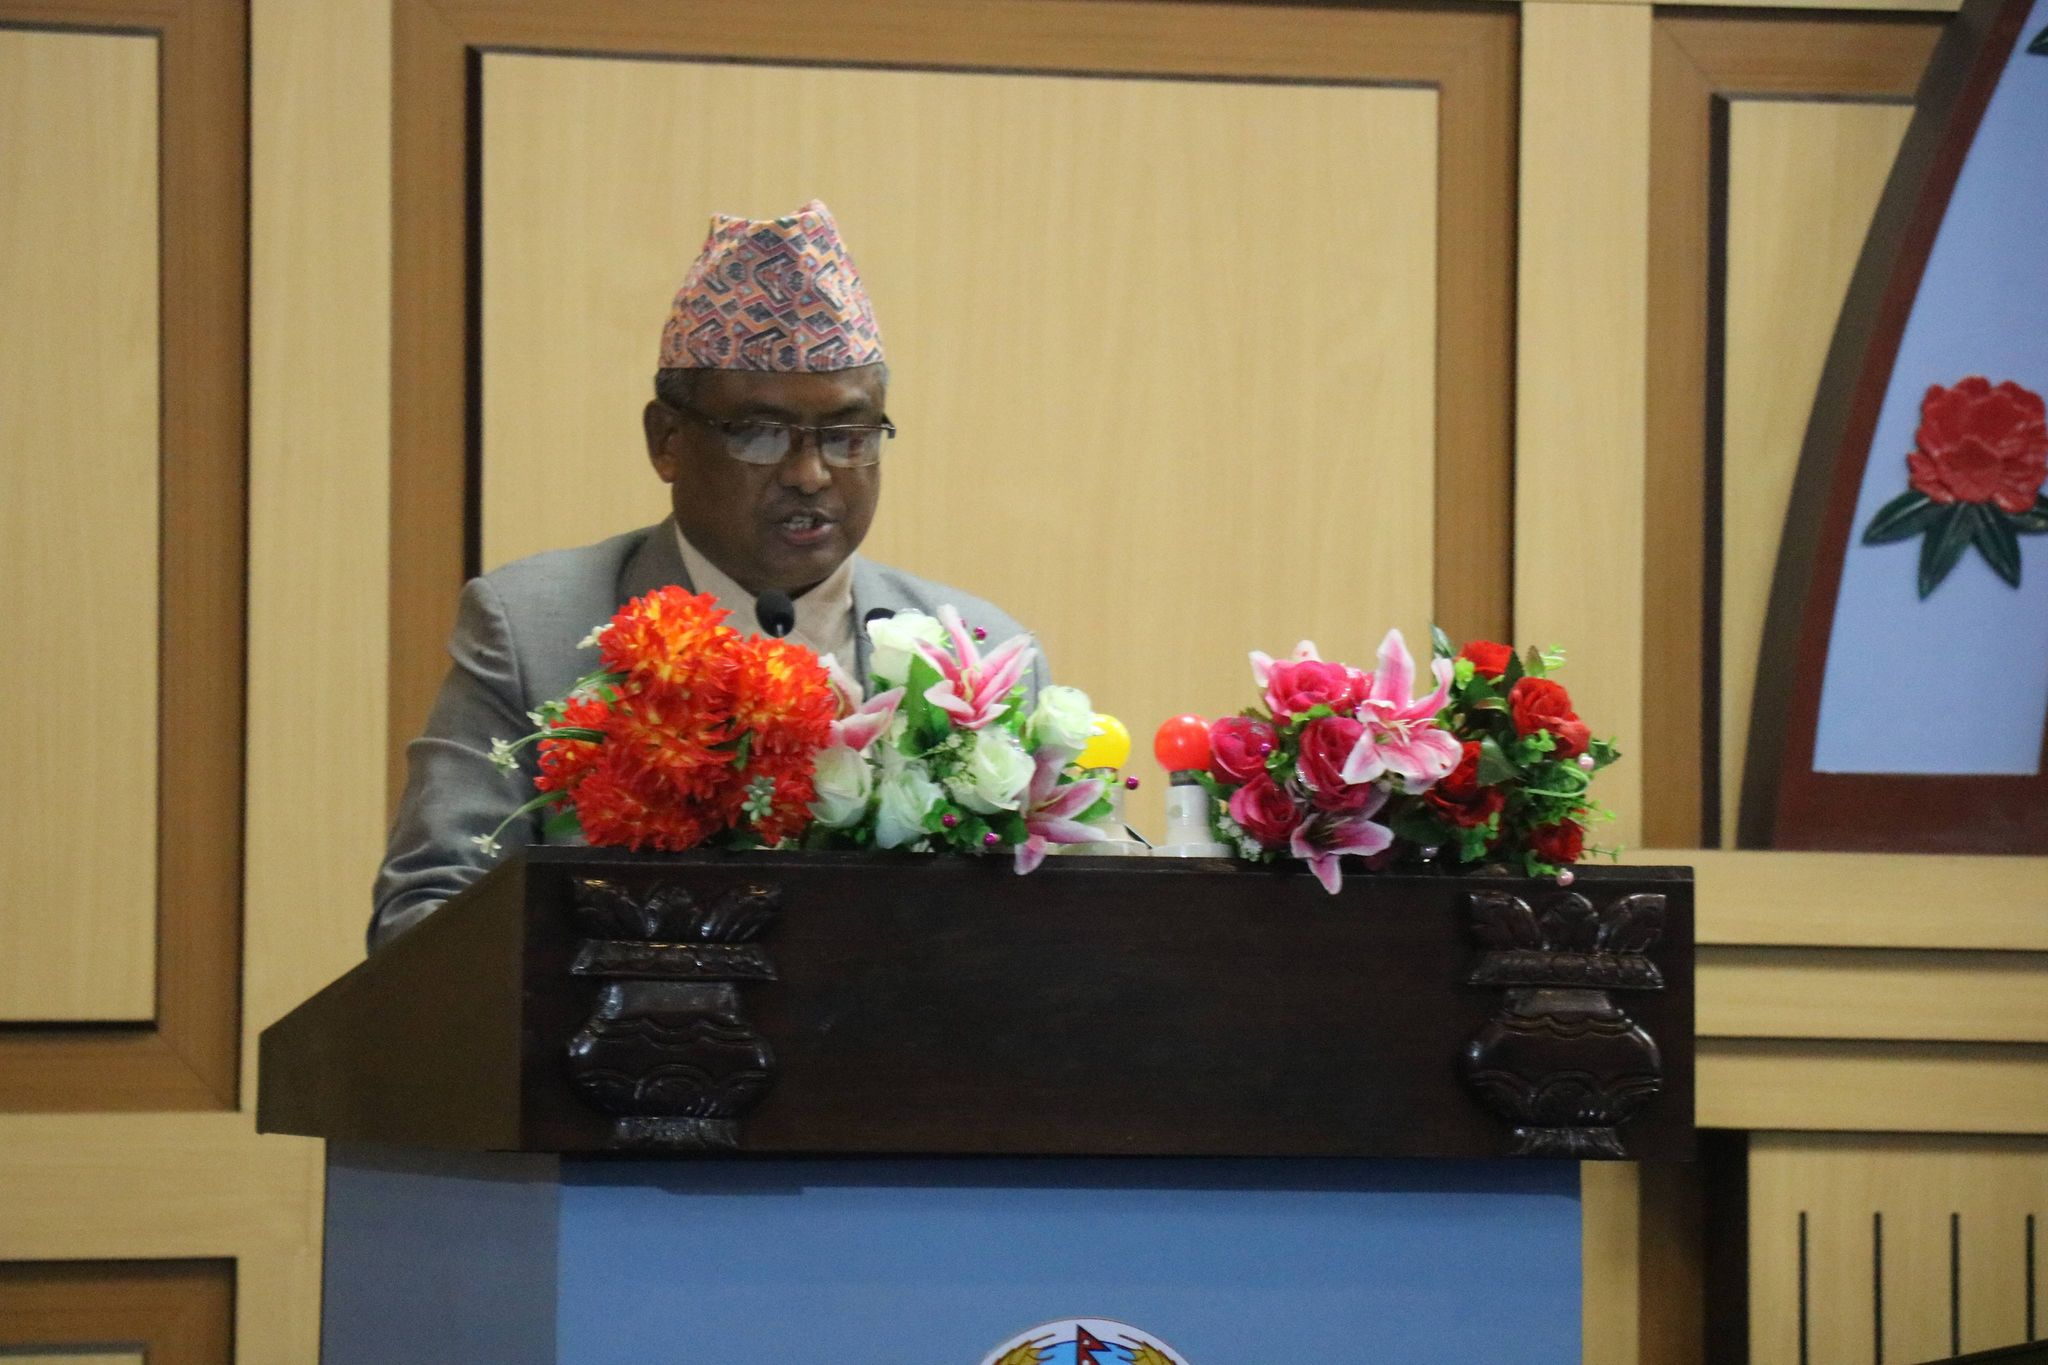 लुम्बिनी प्रदेशमा  ४० अर्ब ९५ करोड ९७ लाखको बजेट (पूर्णपाठ)